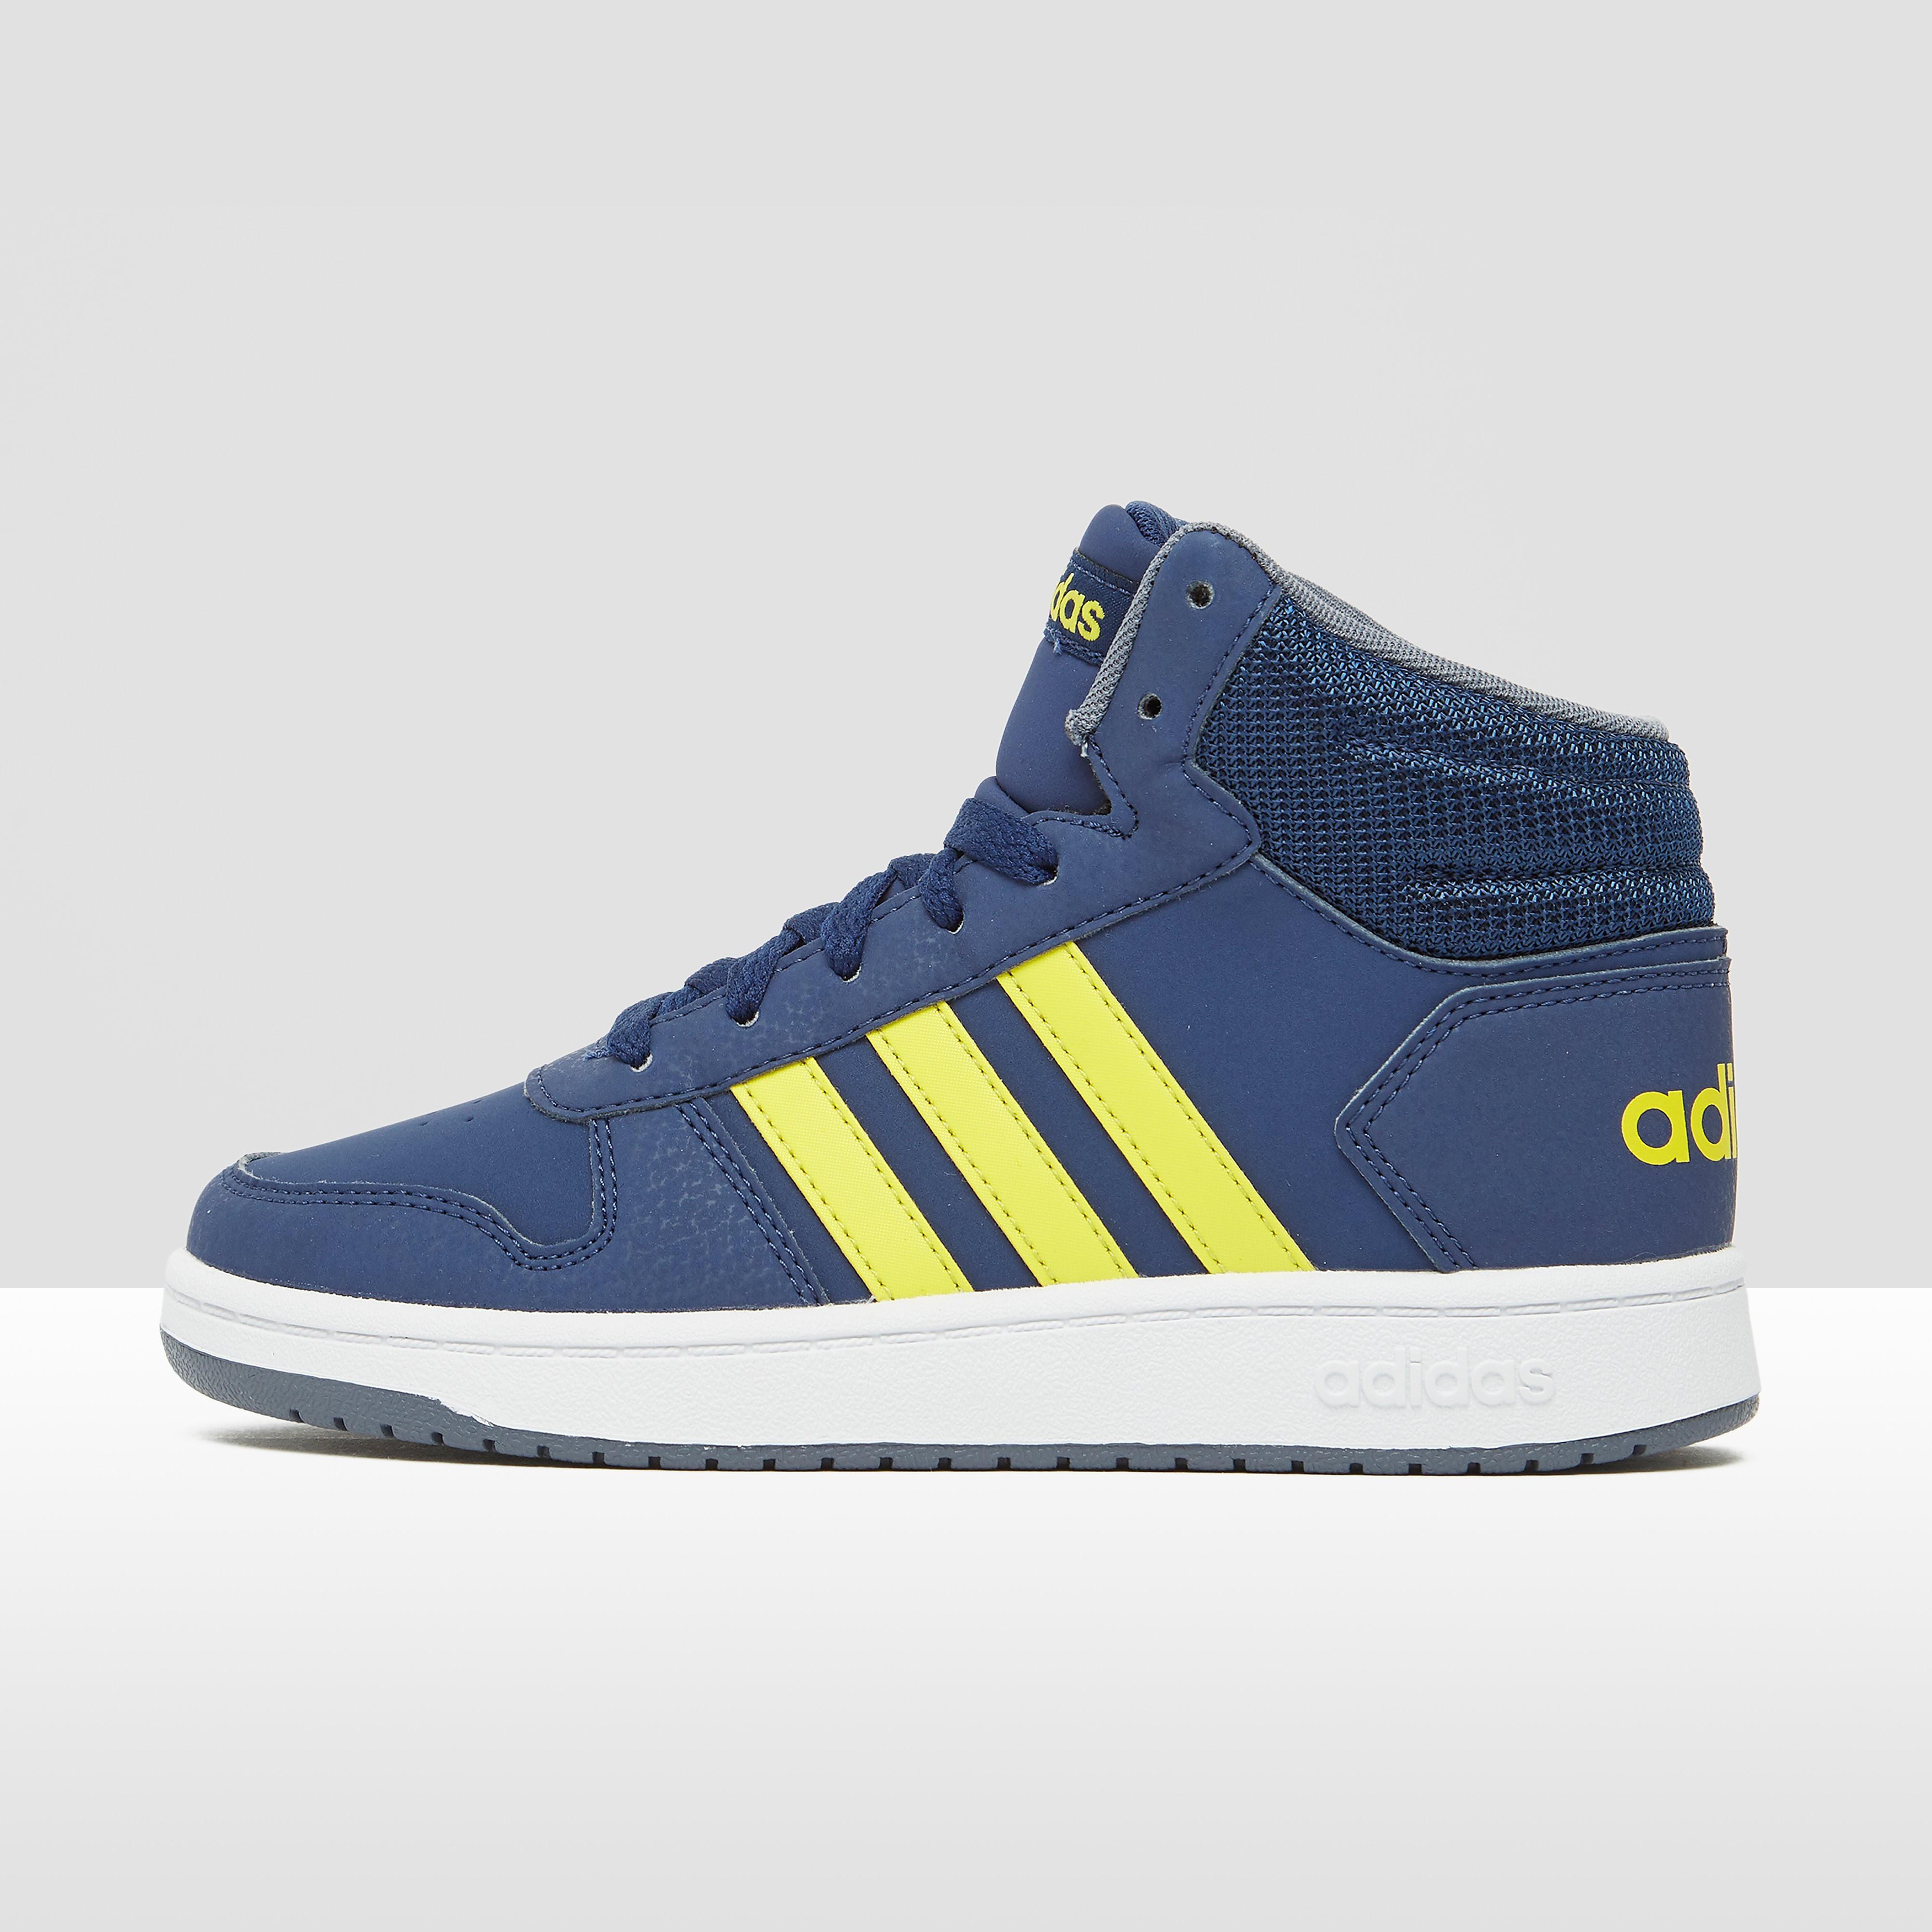 Alle Bedrijven Online: Adidas (Pagina 79)